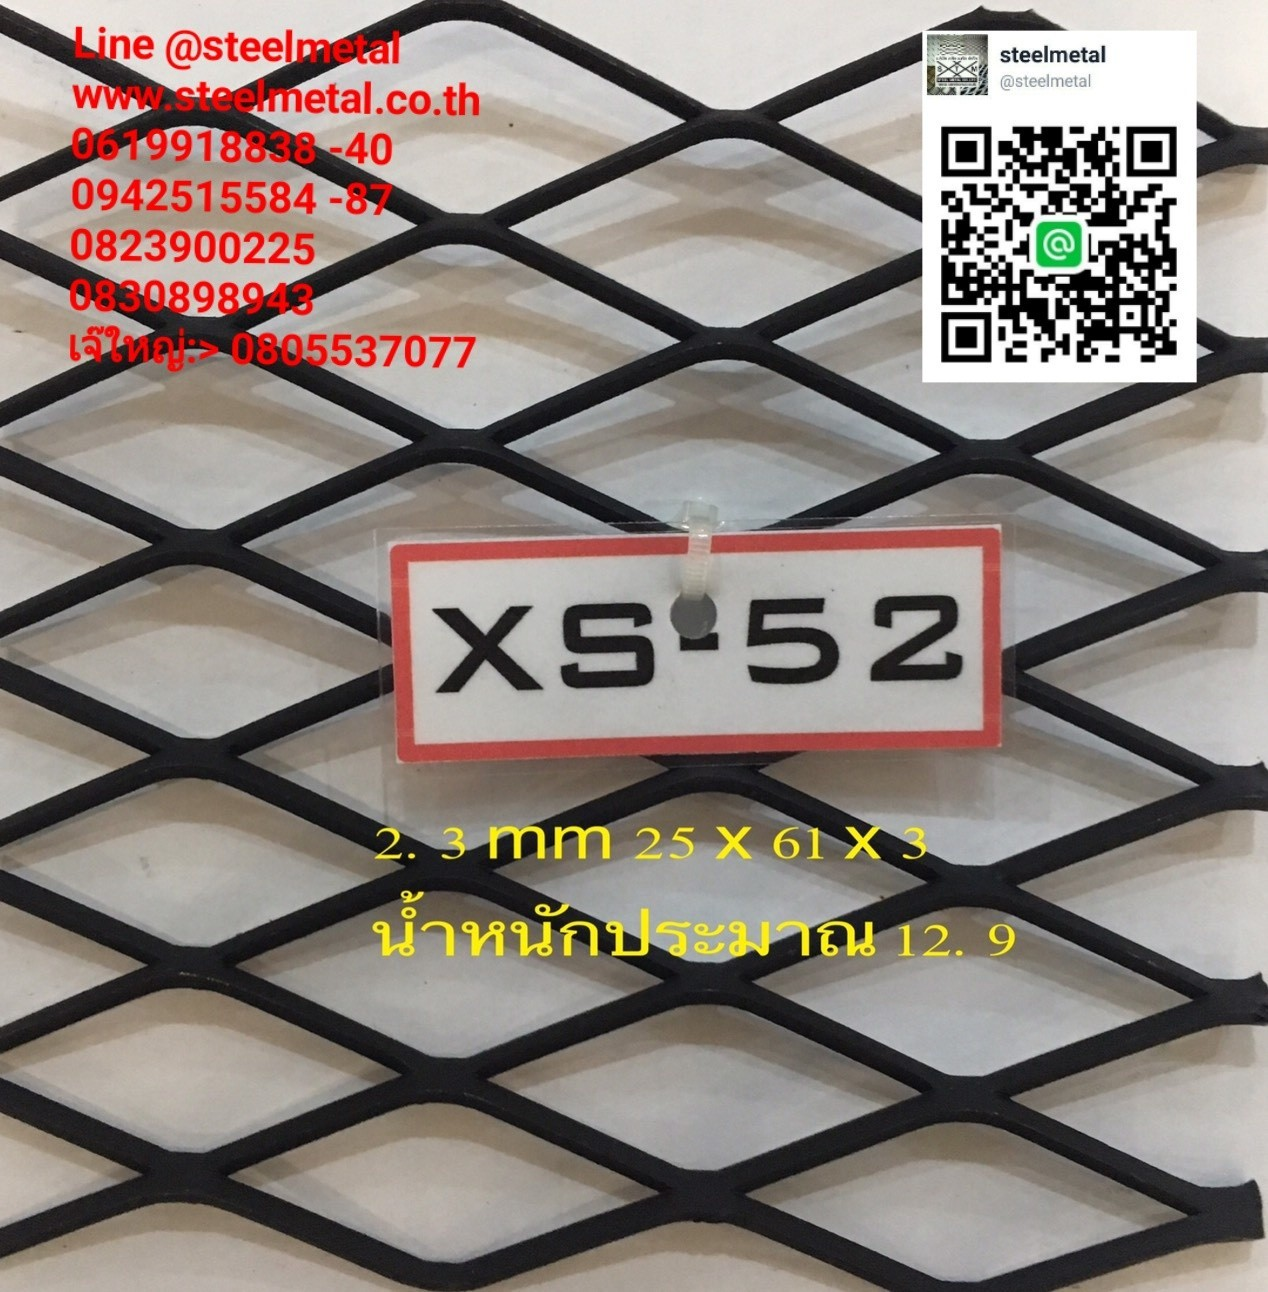 ตะแกรงเหล็กฉีกXS52